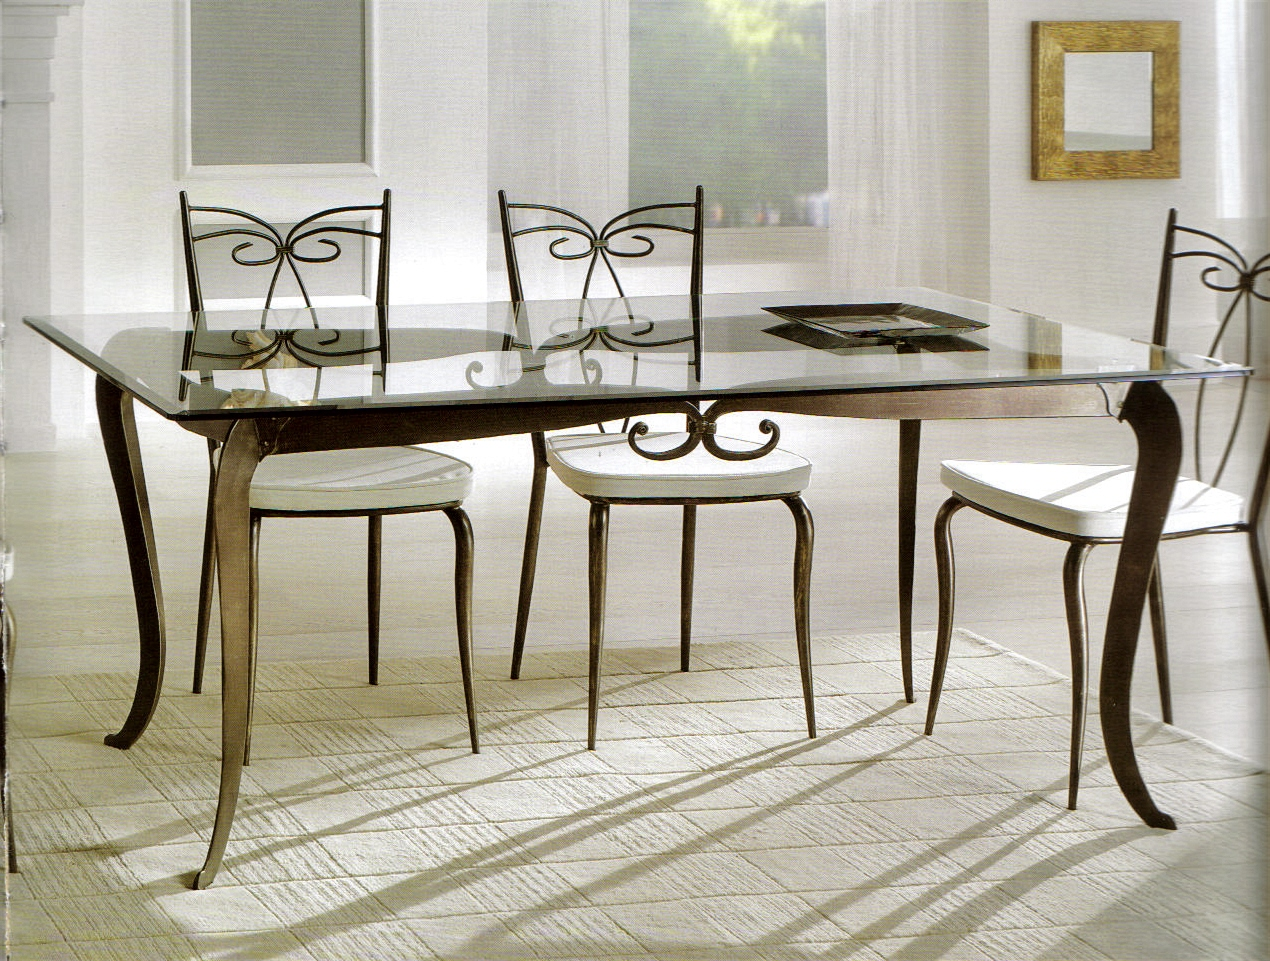 Tavoli tavolini d 39 arredo tavolo ferro battuto e vetro - Tavolo ferro battuto e vetro ...